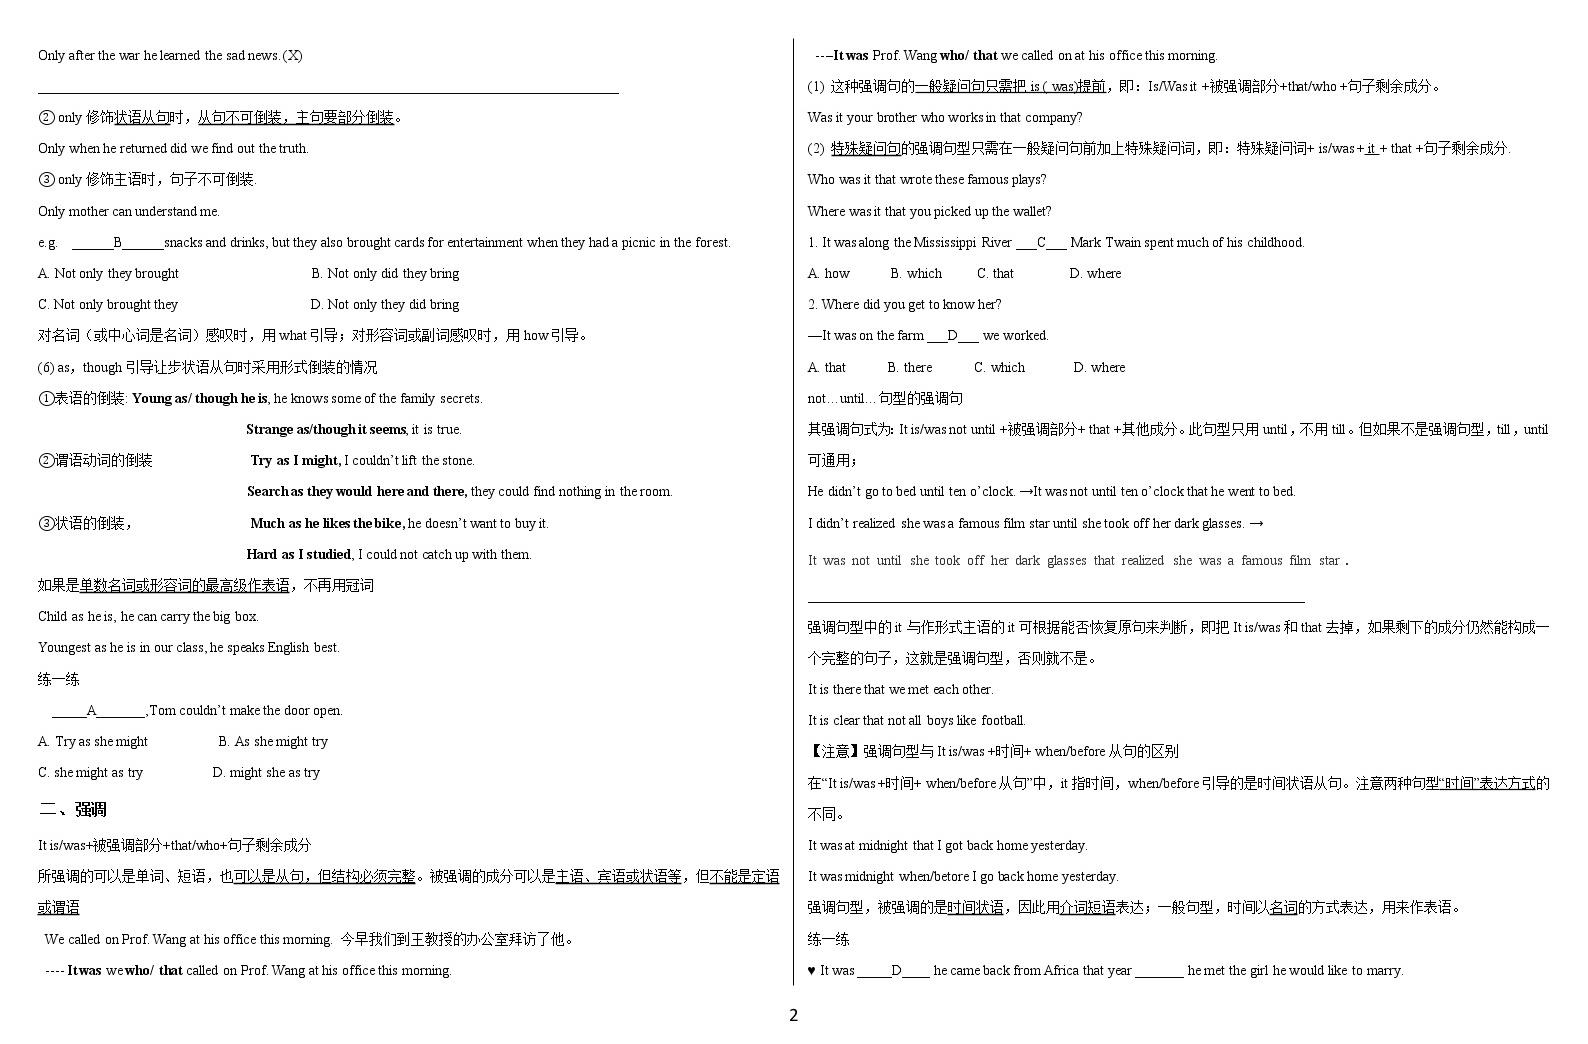 高中英语之特殊句式教案 含练习(含答案)02